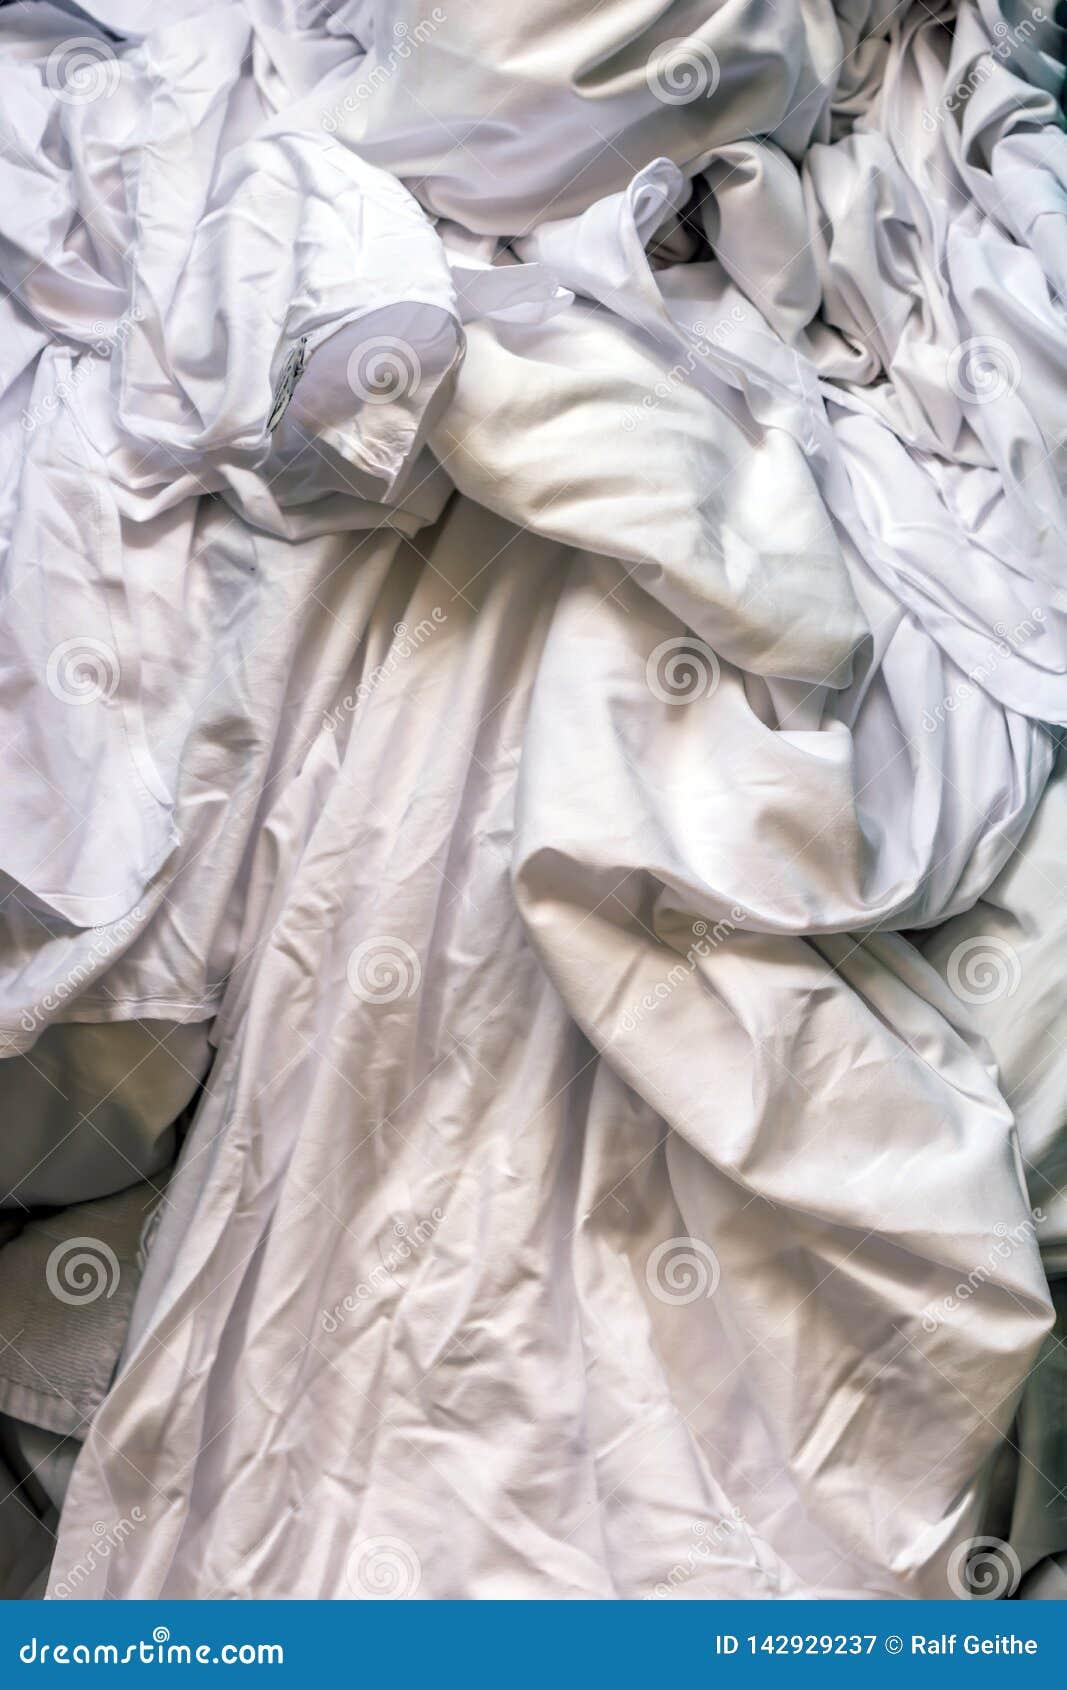 Βρώμικο άσπρο πλυντήριο σε ένα πλυντήριο